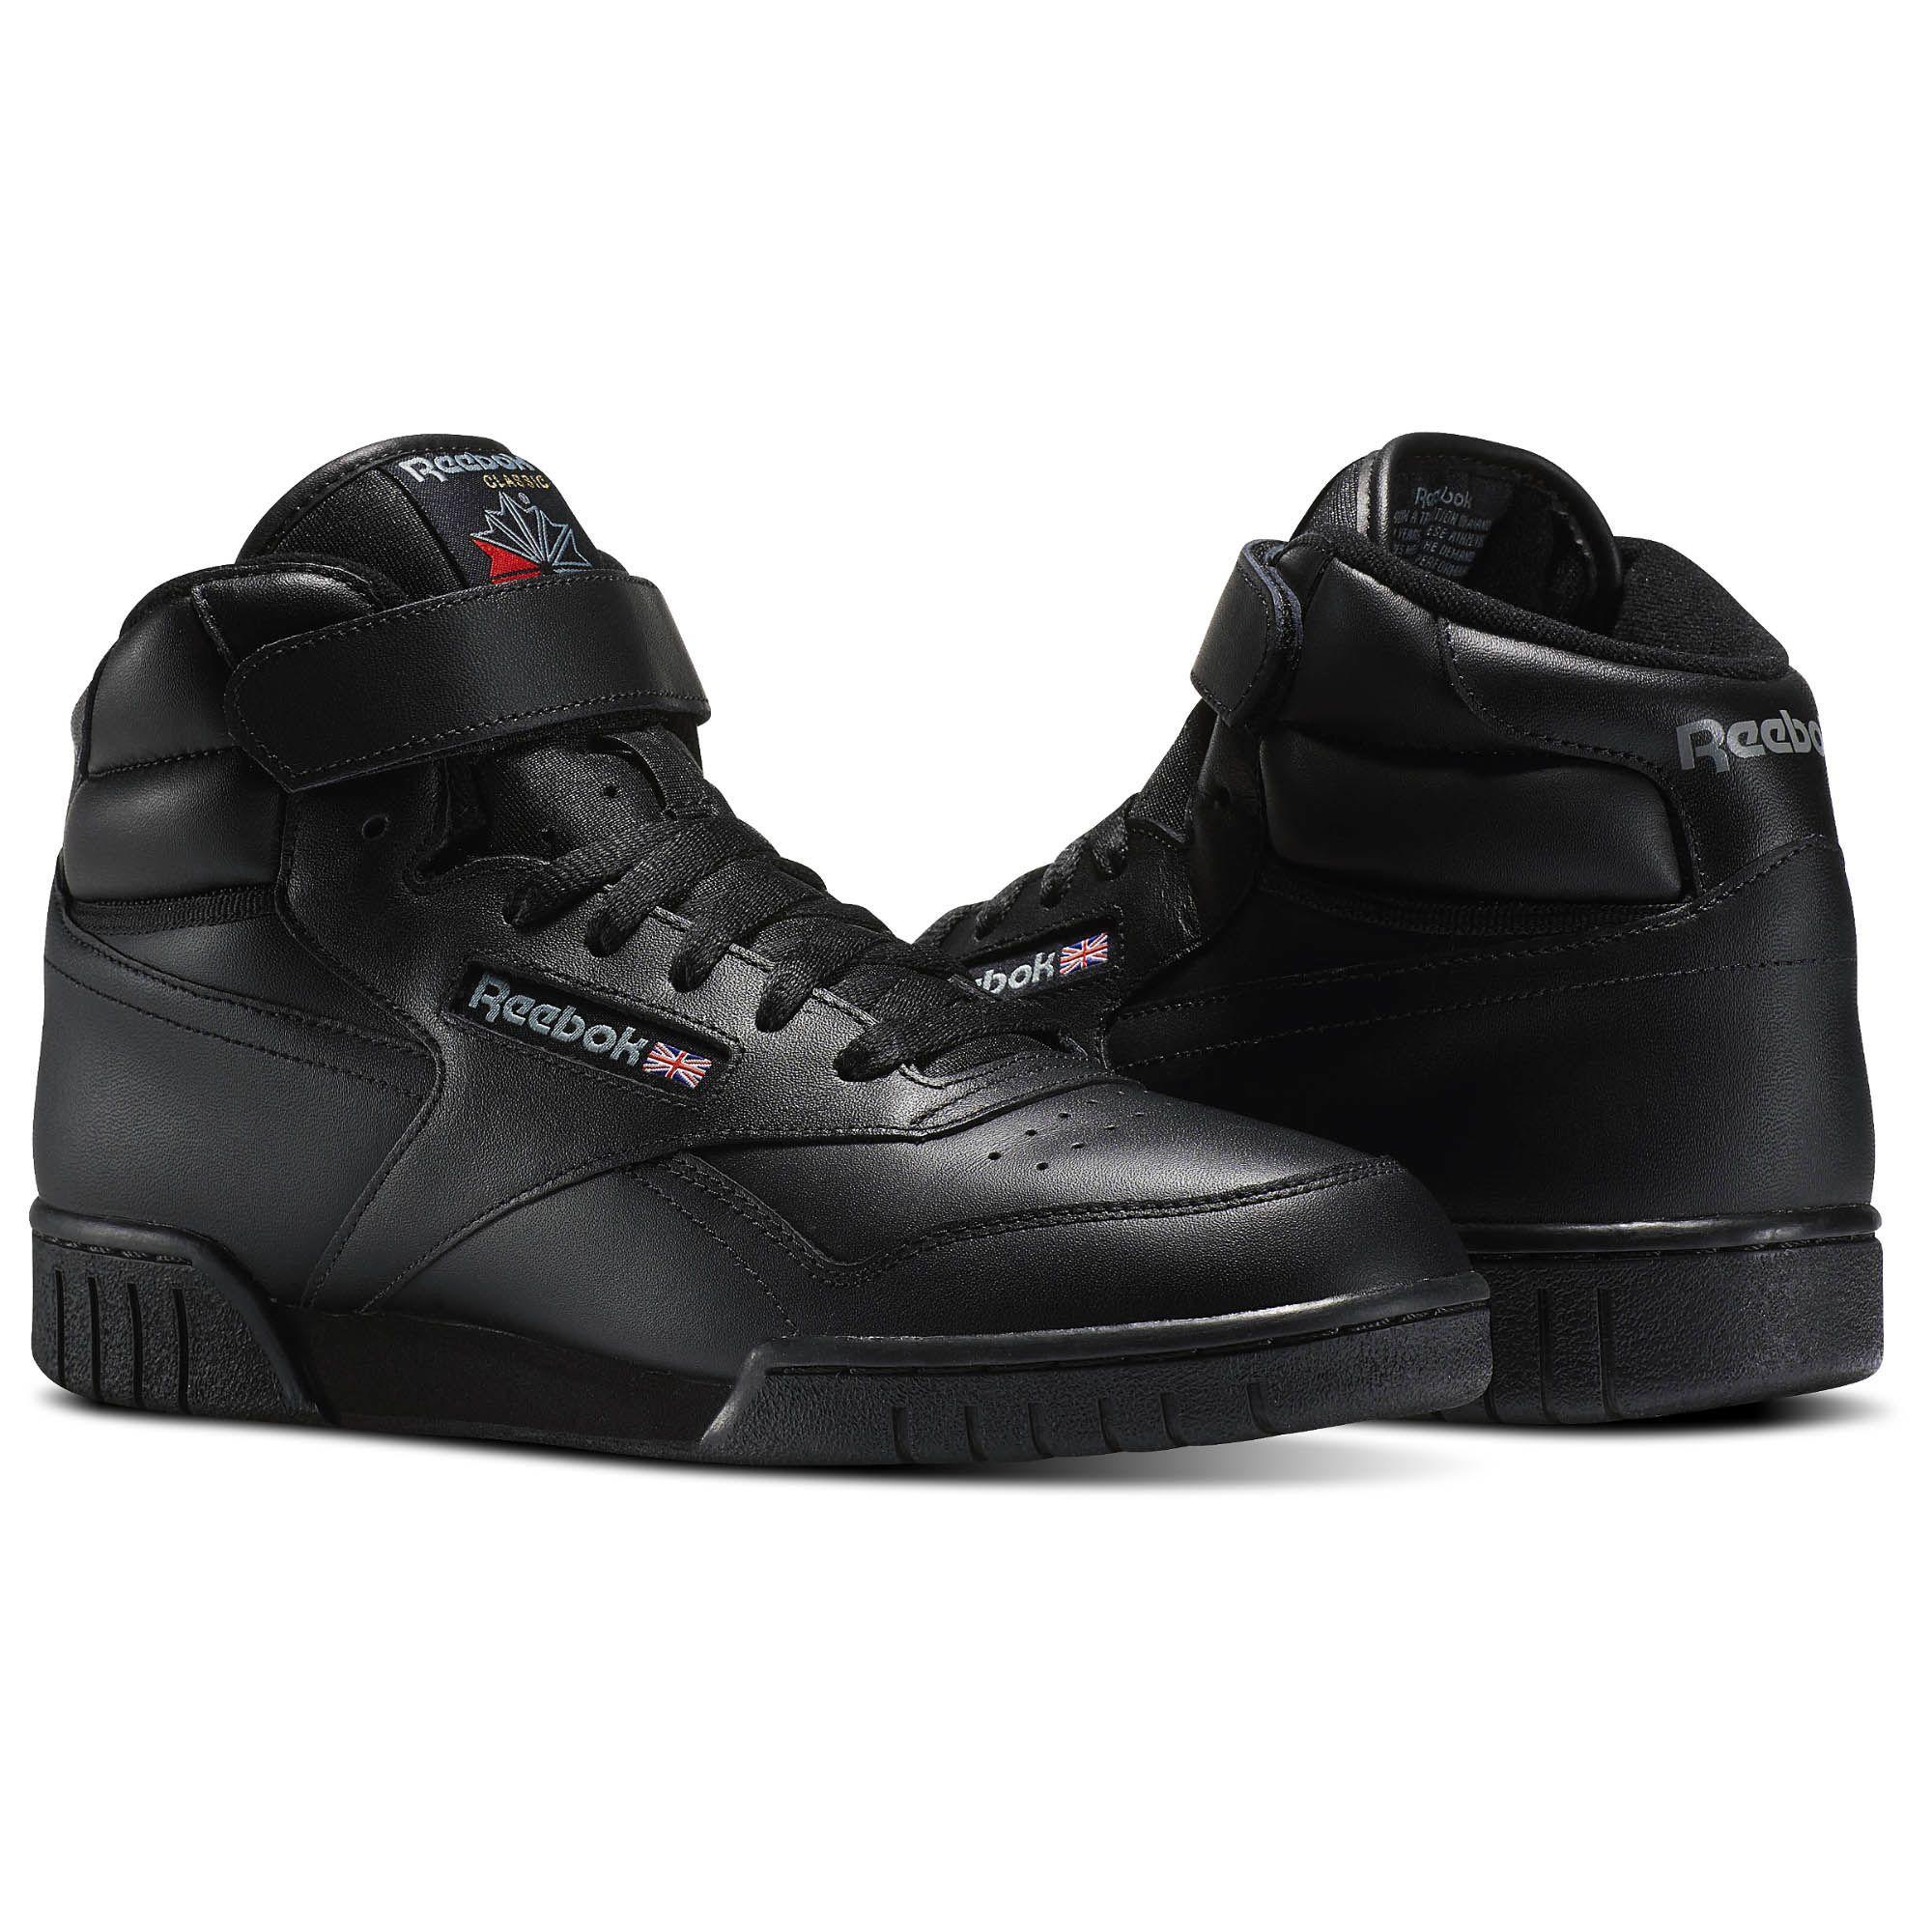 Reebok EX-O-FIT Hi Men's Shoes - Black